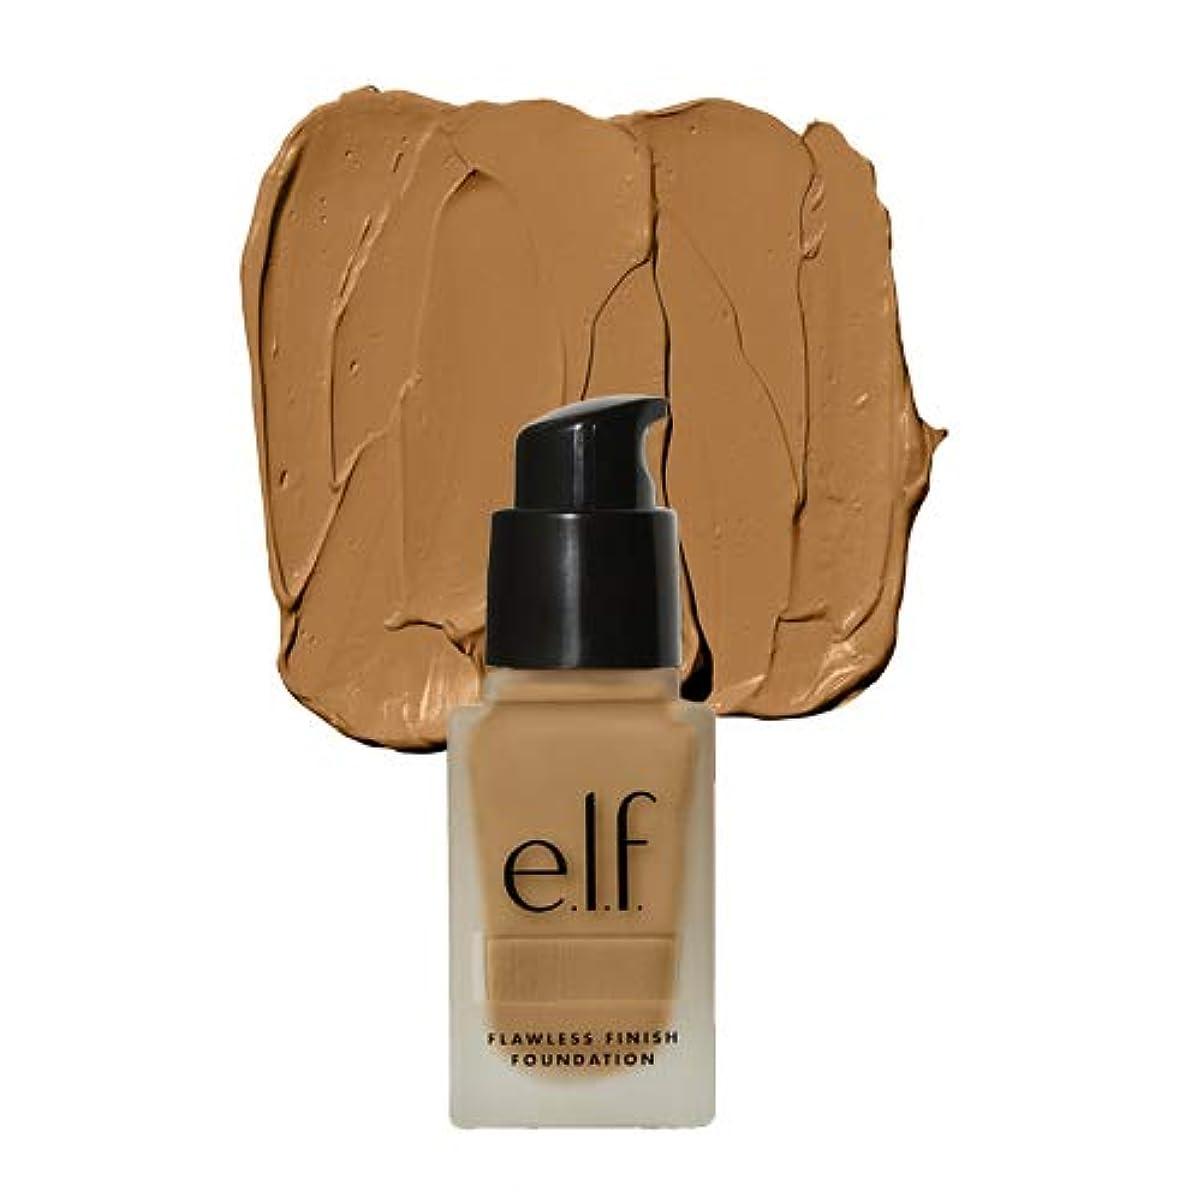 嫌悪代表してターゲット(3 Pack) e.l.f. Oil Free Flawless Finish Foundation - Linen (並行輸入品)